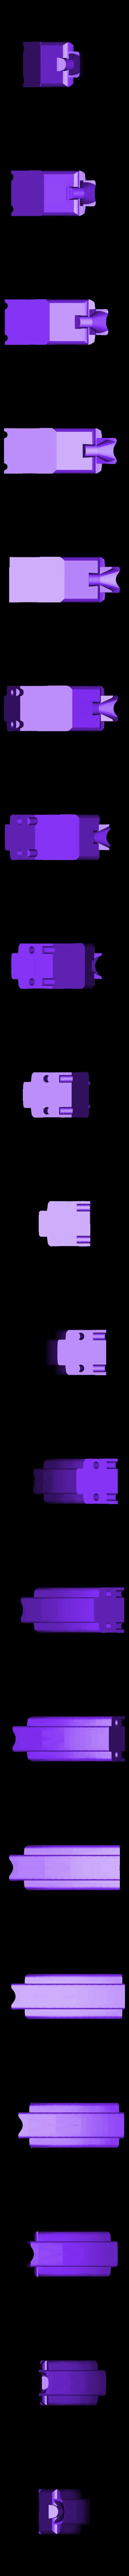 Lightcycle_Body_Back.STL Télécharger fichier STL gratuit Kit modèle Lightcycle • Objet pour impression 3D, billythemighty3Dprinter